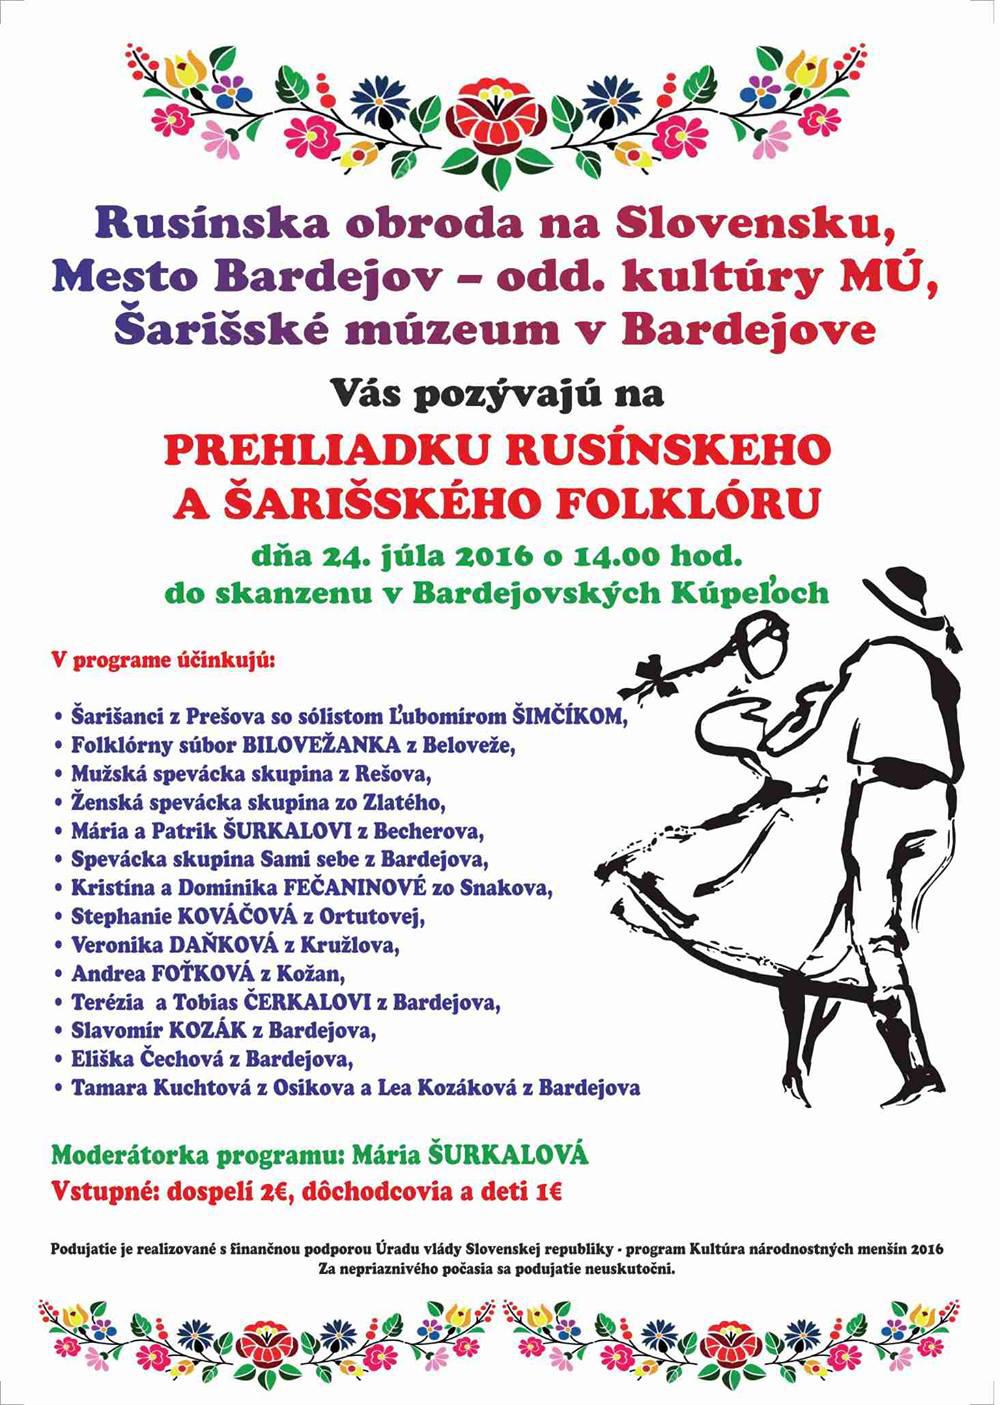 Prehliadka rusínskeho a šarišského folklóru